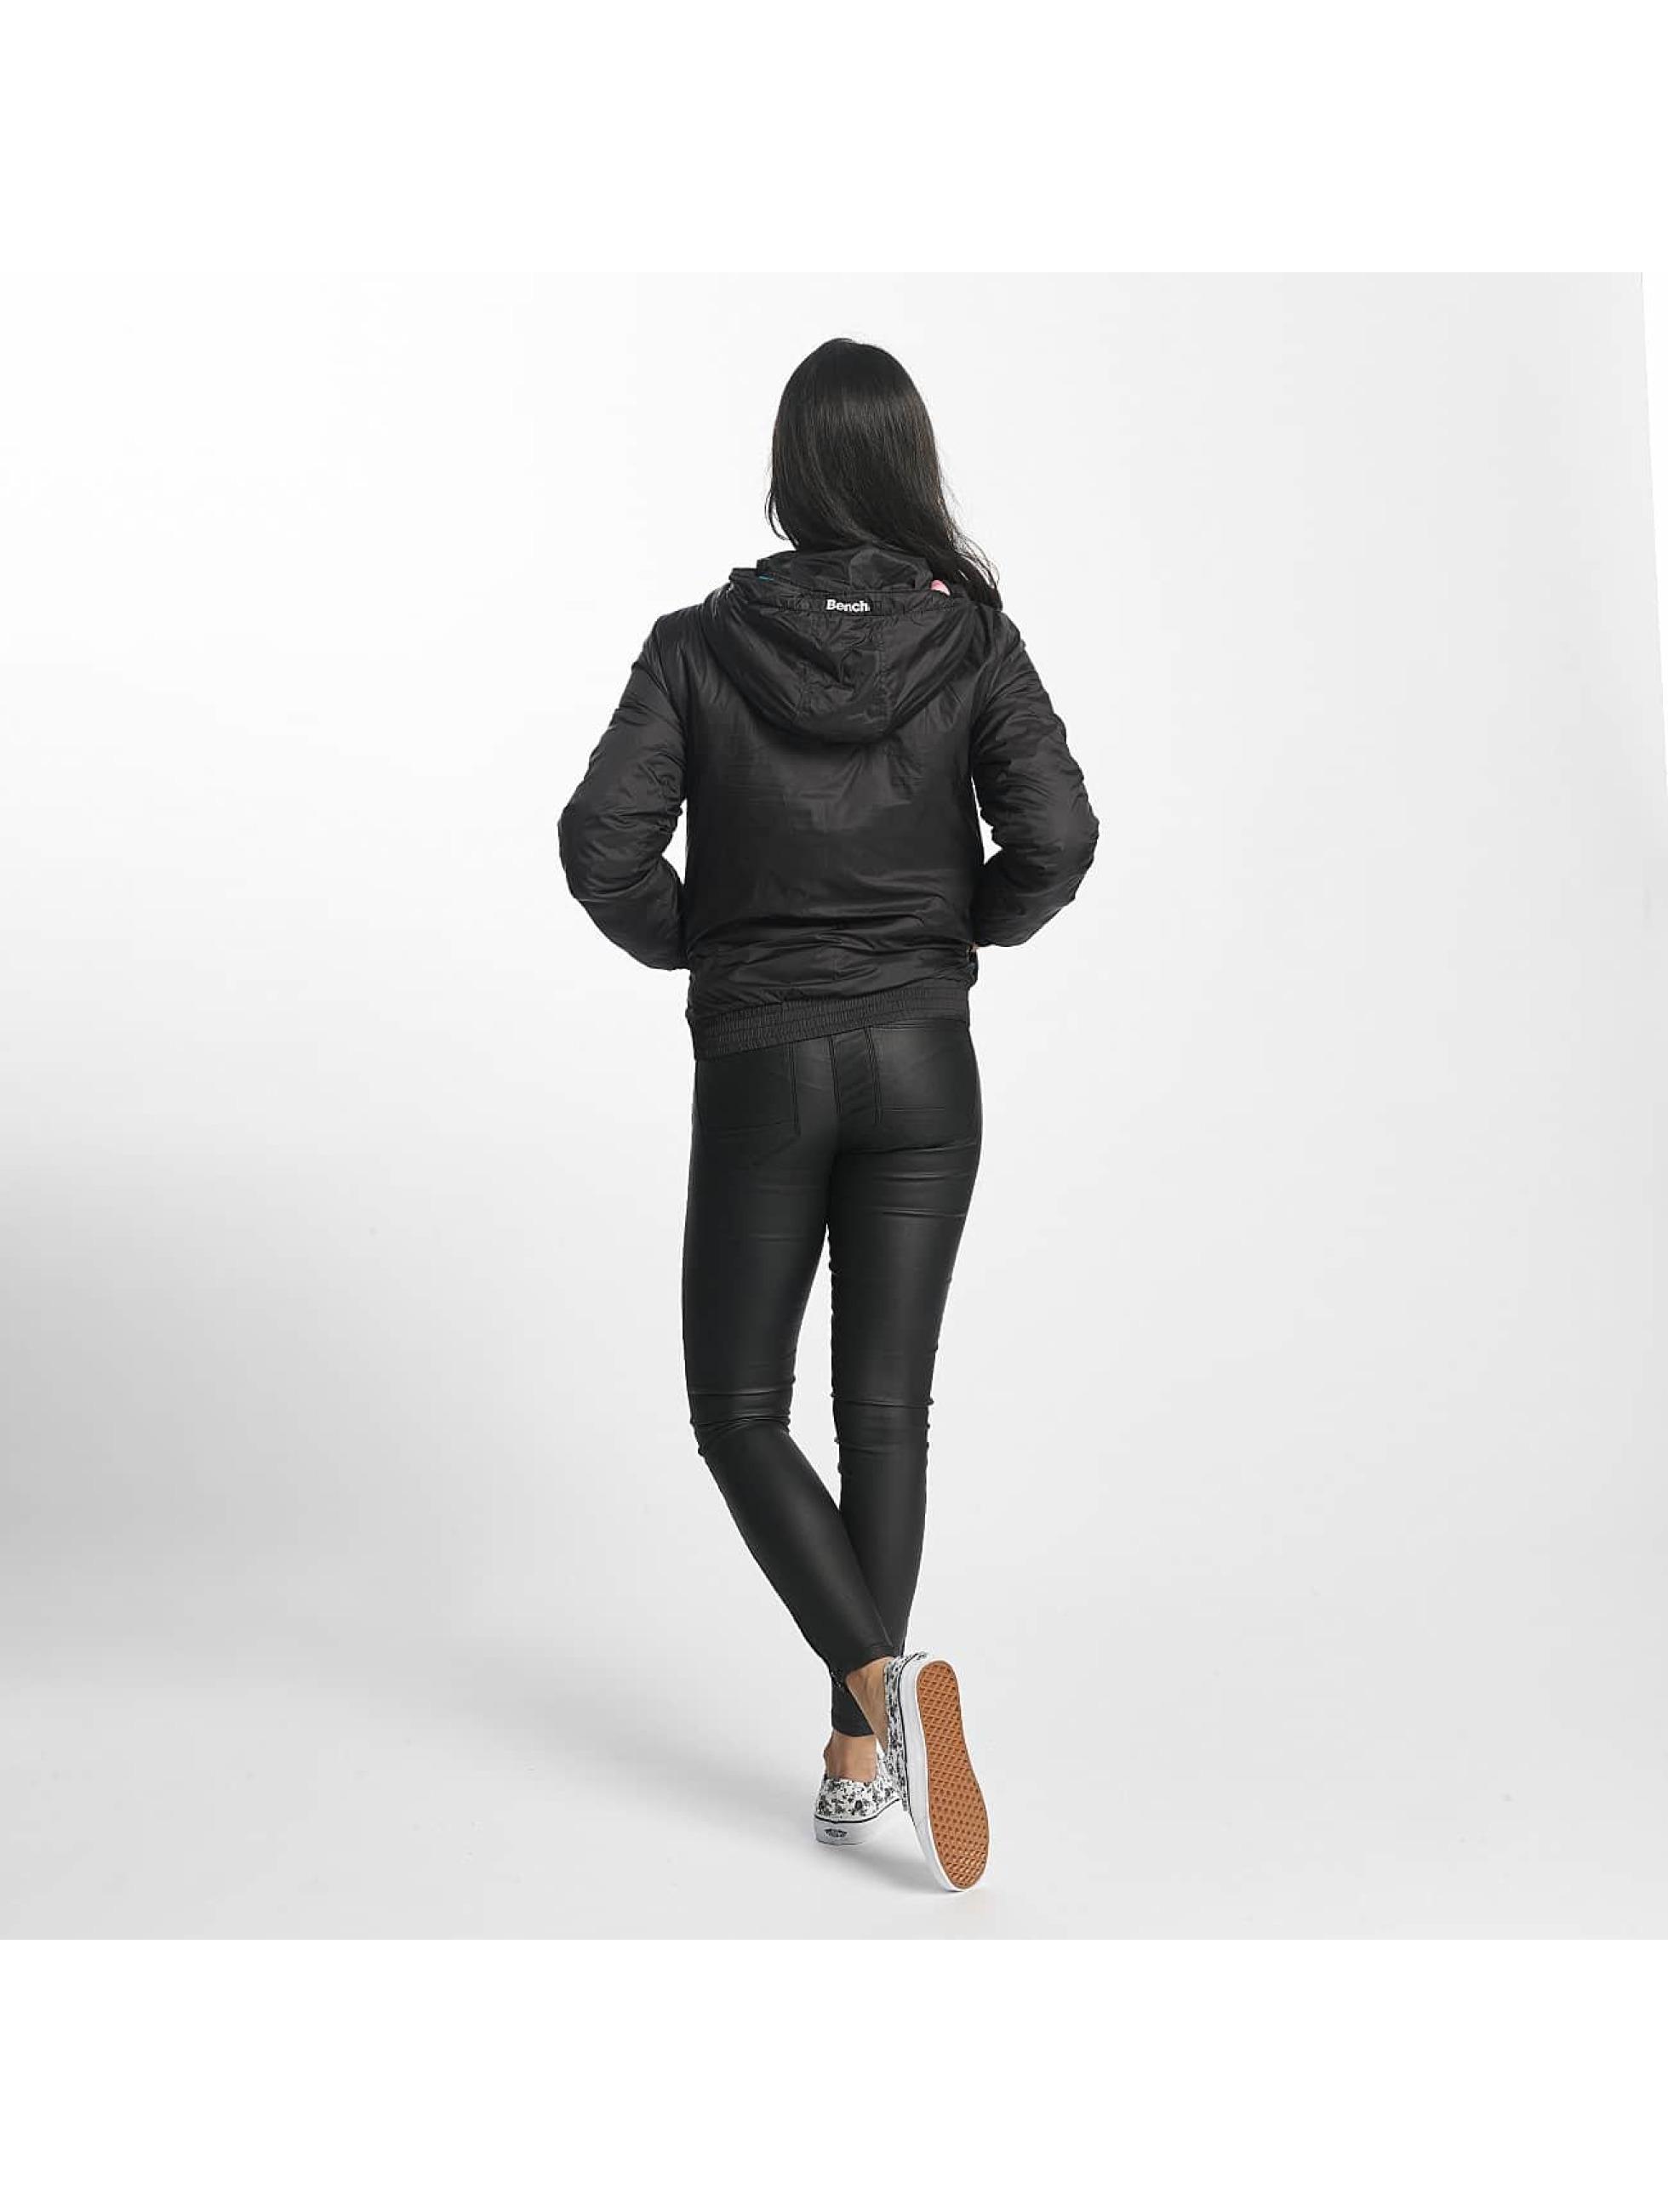 Bench Veste mi-saison légère Light Padded noir